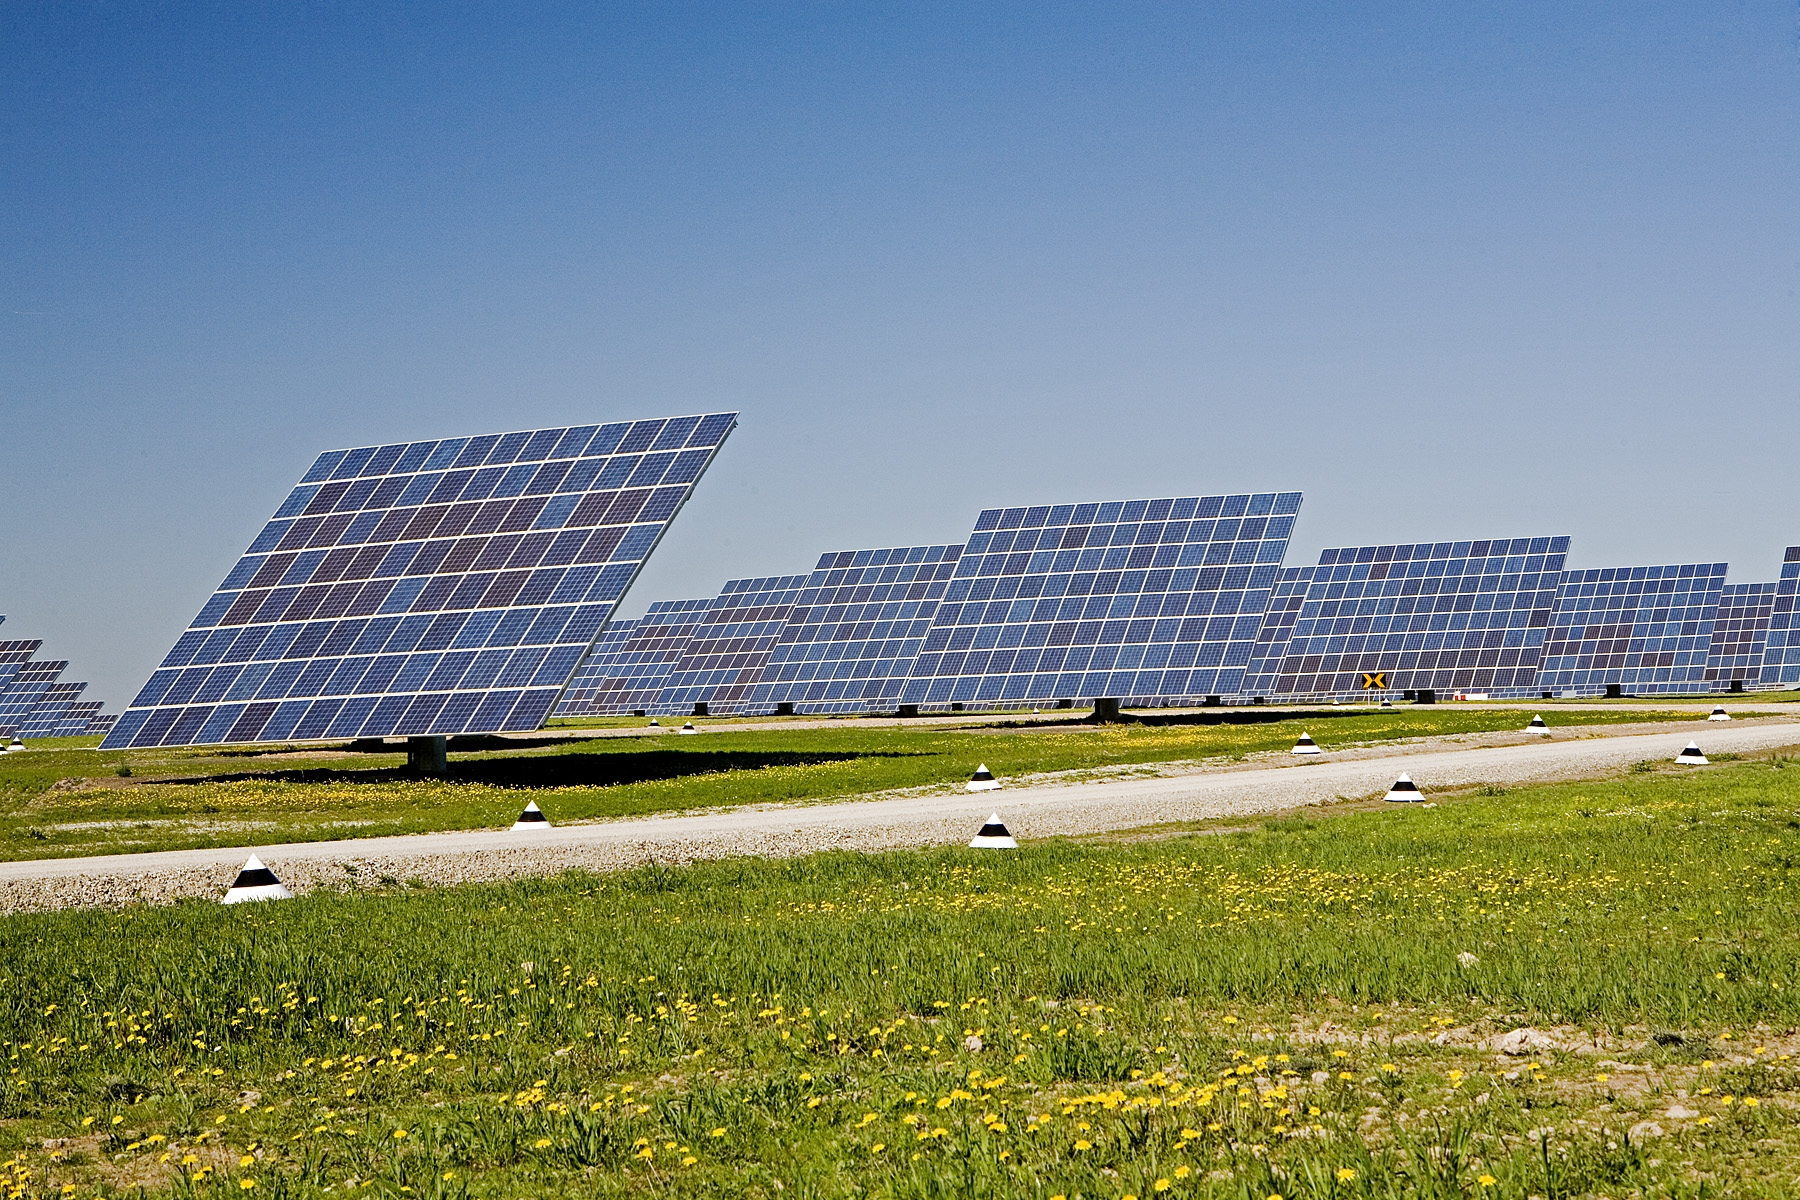 Acciona selecciona para el plan de energías renovables del Ejército estadounidense con energía solar fotovoltaica